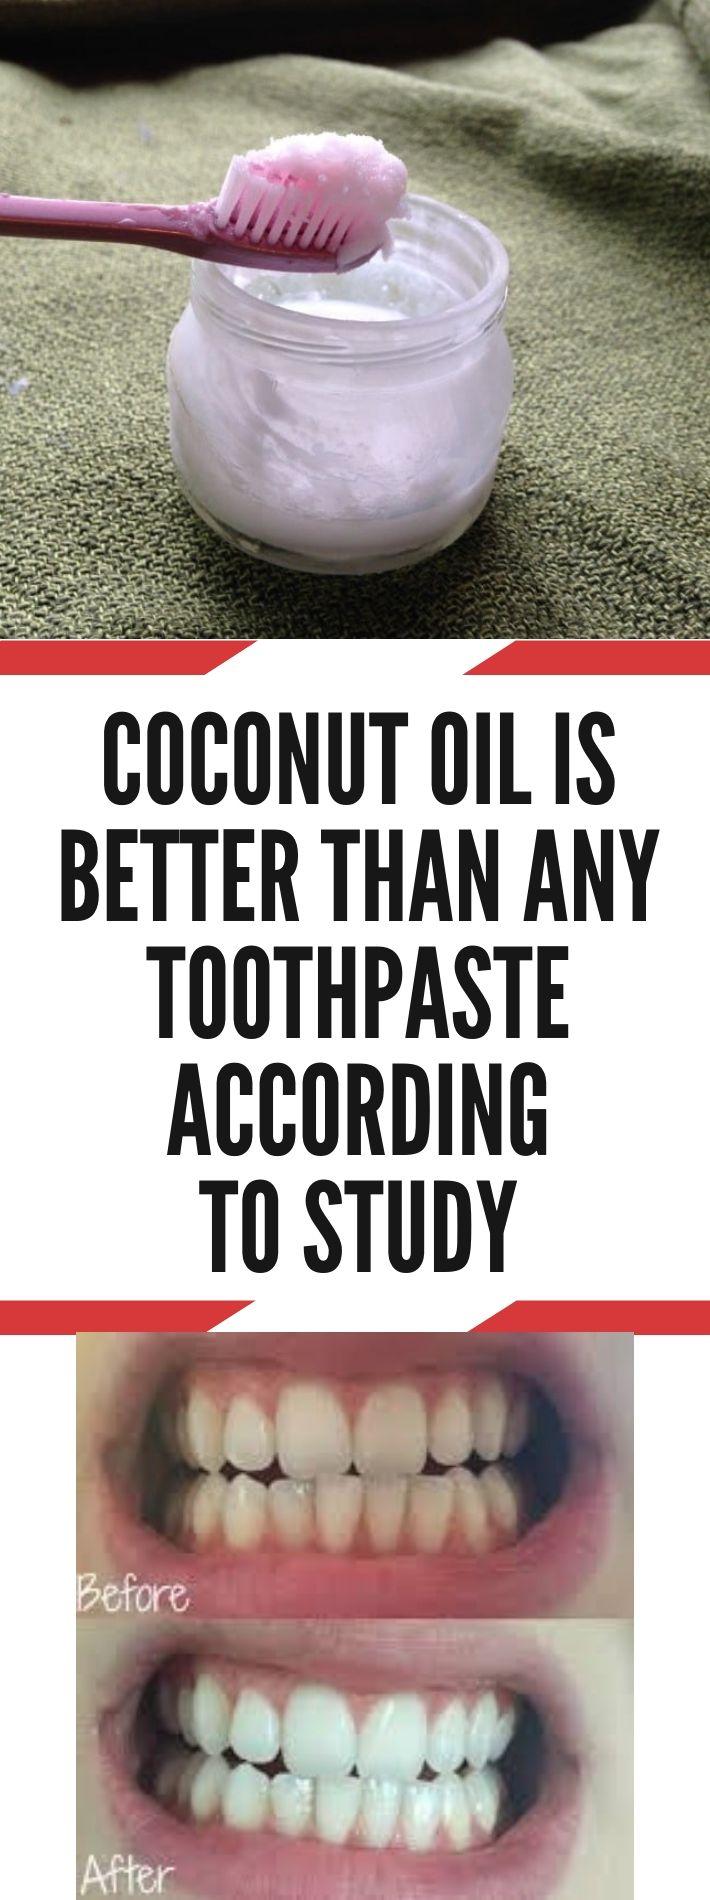 Kokosöl ist laut Studie besser als jede Zahnpasta   – Best Beauty Tips and Tricks